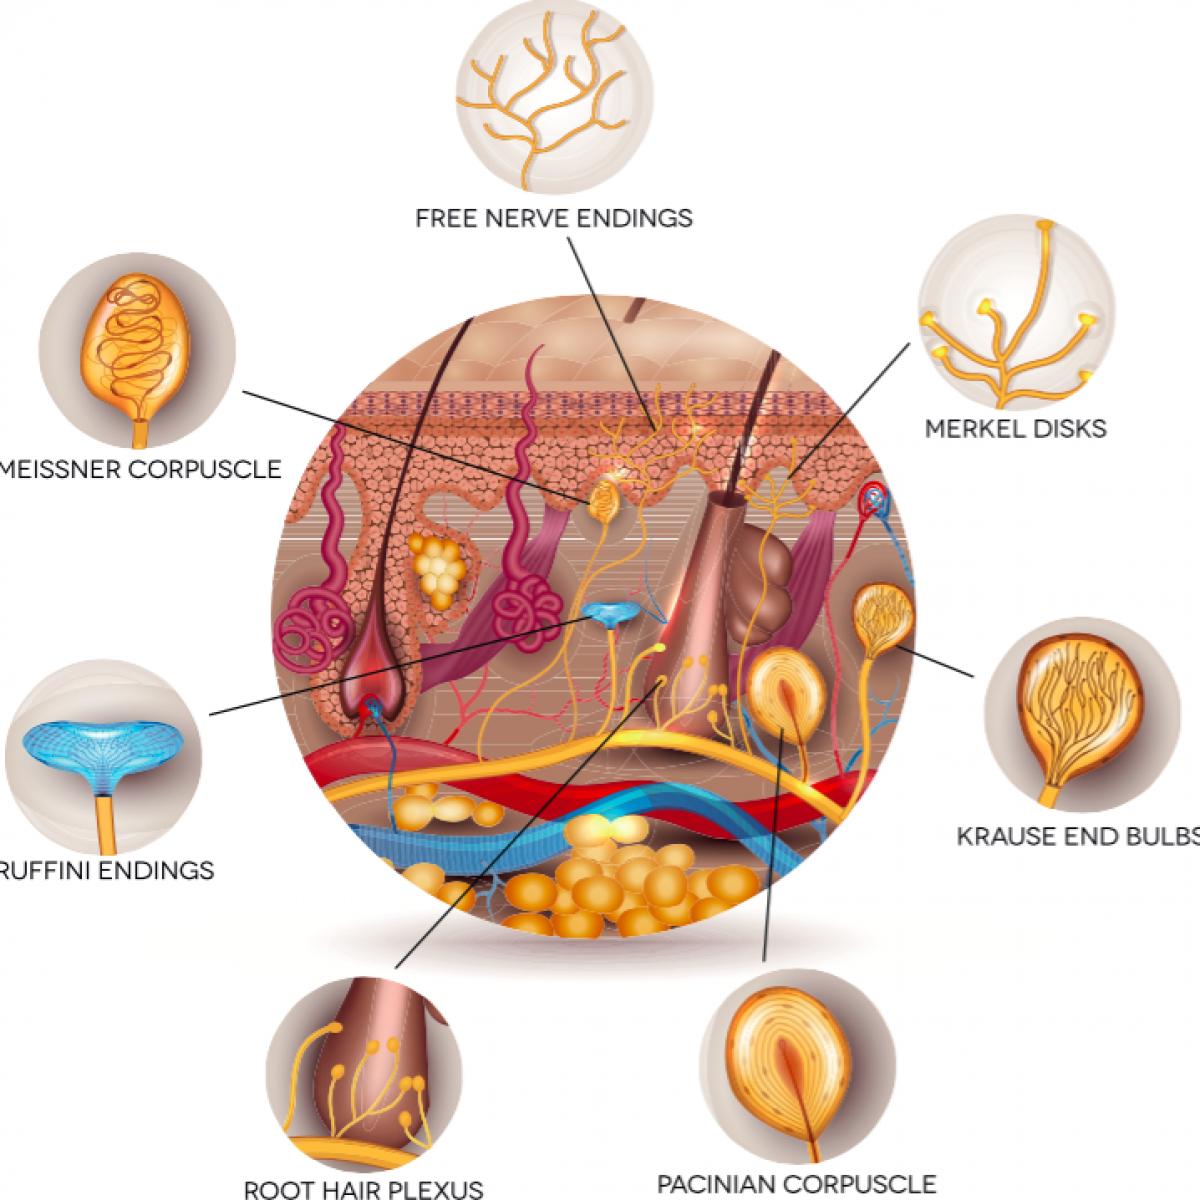 receptores citoplasmaticos de hormonas esteroideas